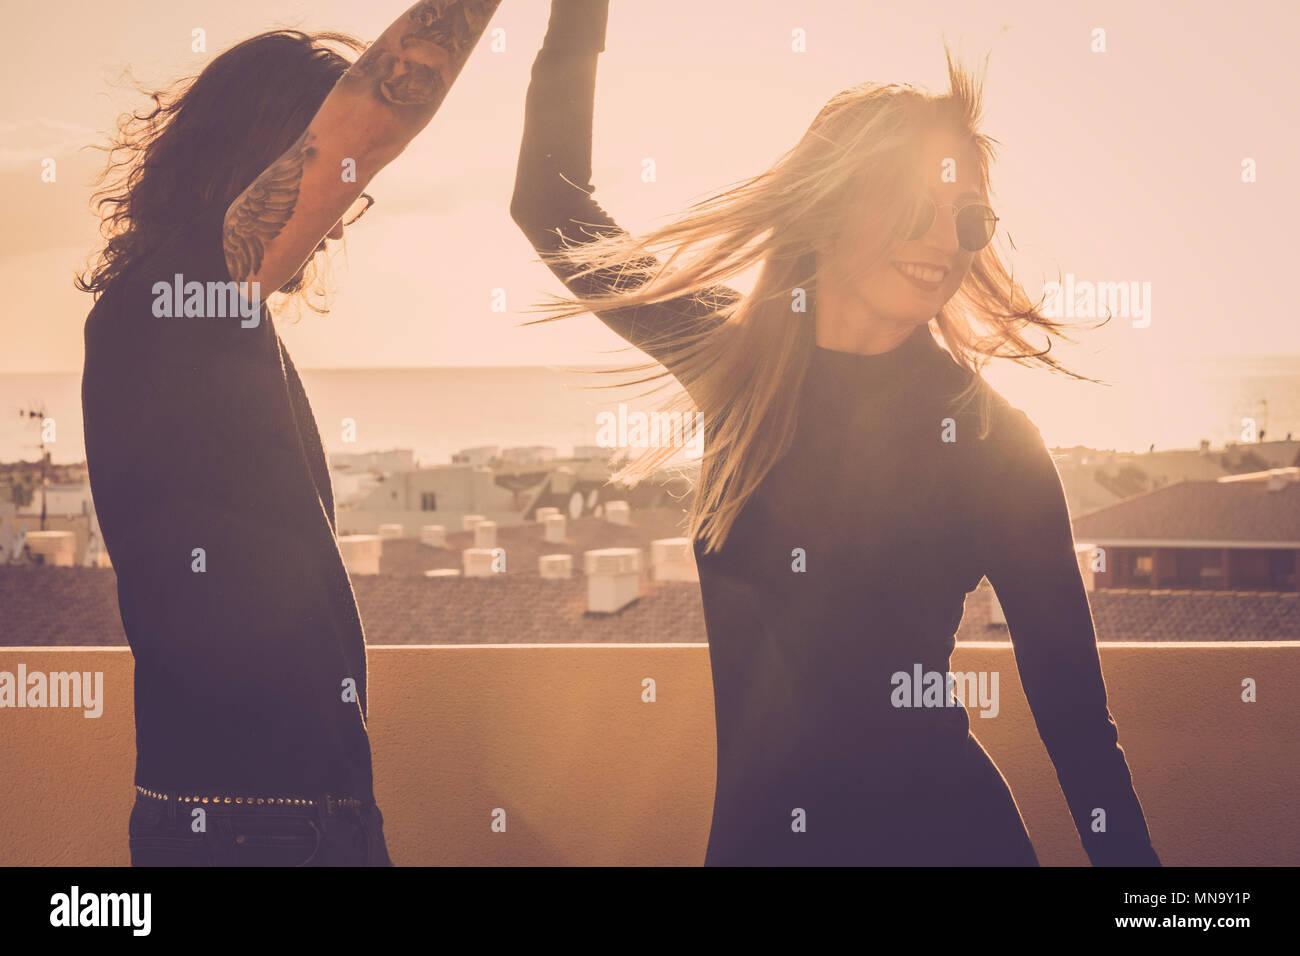 Un hermoso pelo largo, joven pareja de bailarines caucásicos y moviéndose en la azotea con vistas al océano. hermosa luz del sol al aire libre y actividades de ocio en Niza Imagen De Stock